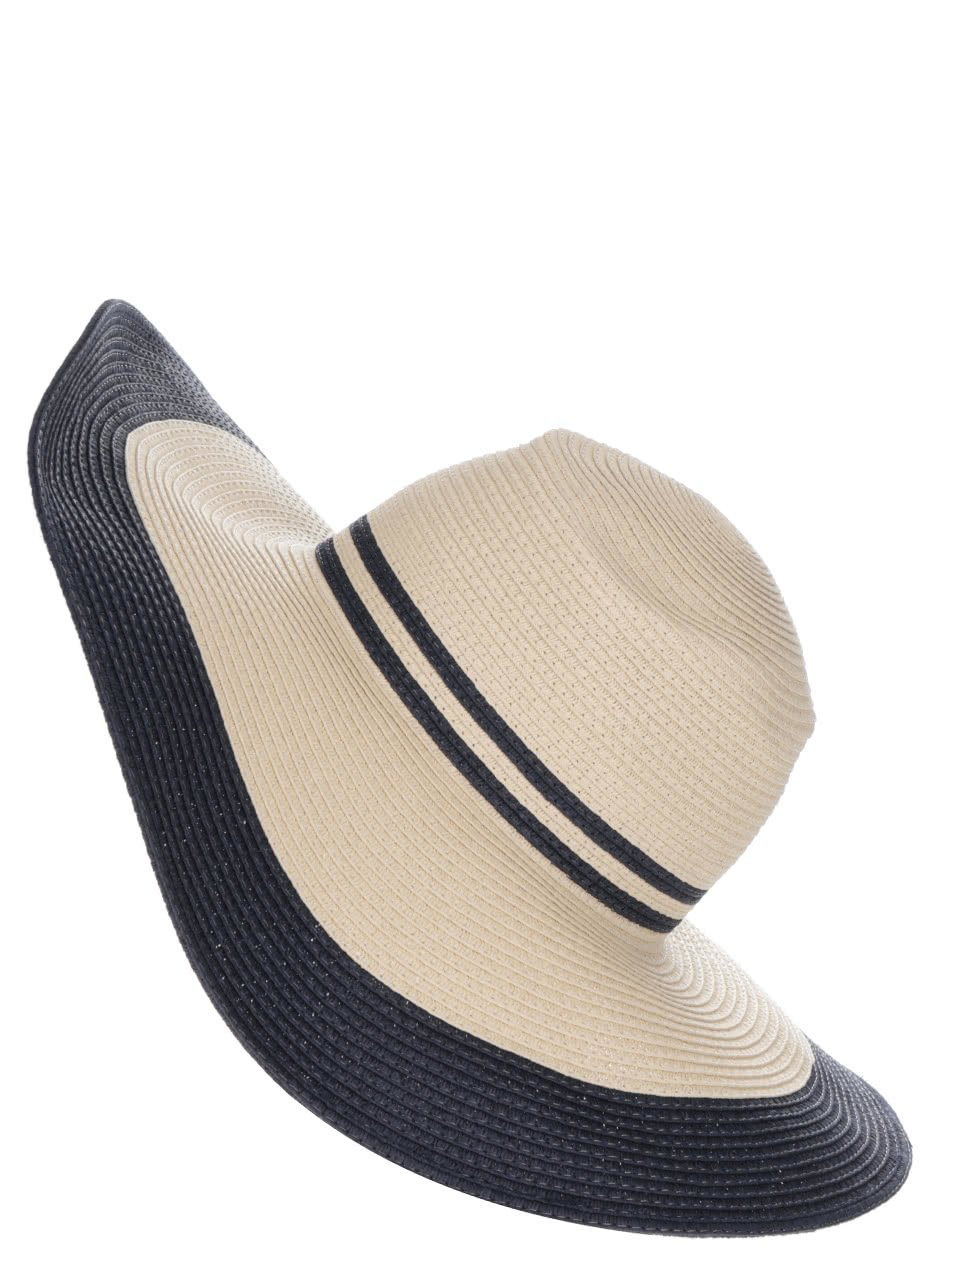 Modro-béžový dámský klobouk Tom Joule